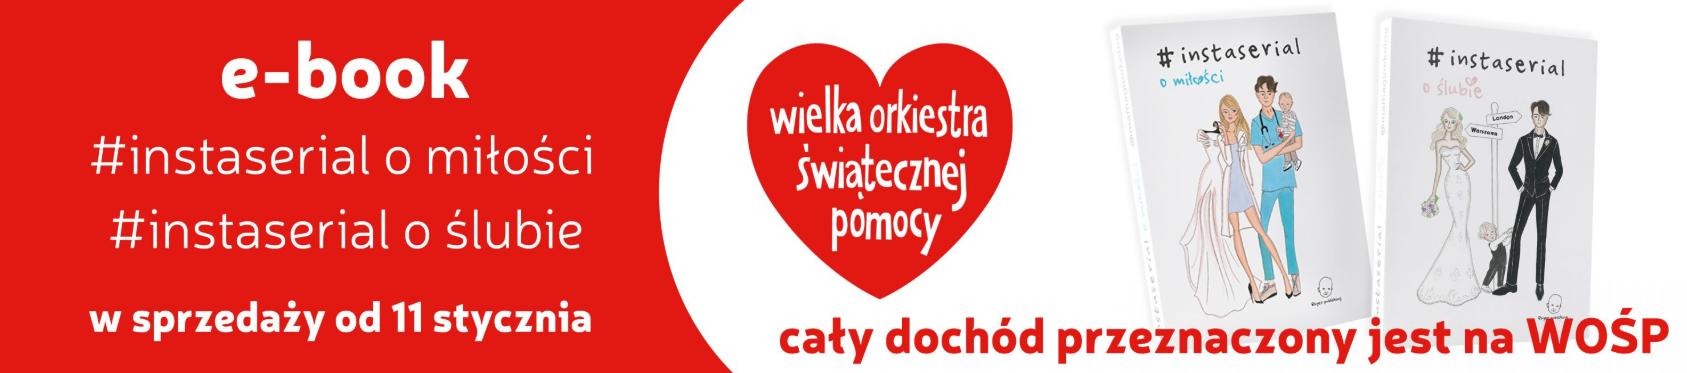 Mama ginekolog zebrała milion złotych na WOŚP